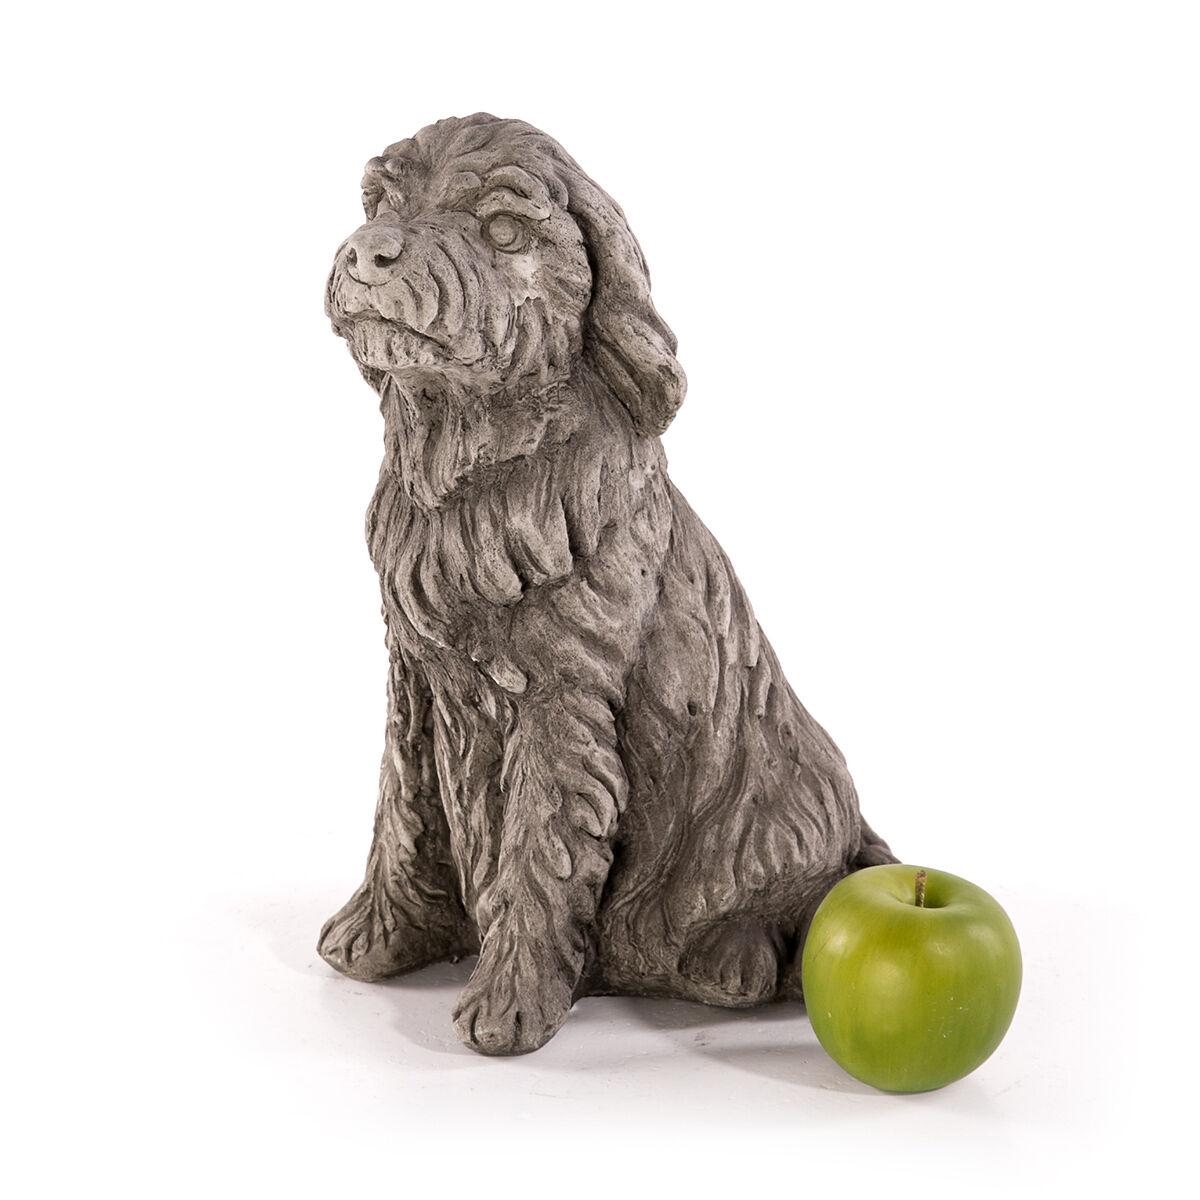 Steinfigur GKunstenfigur Tierfigur 31cm Hund Statue Skulptur Steinguss Deko GKunsten